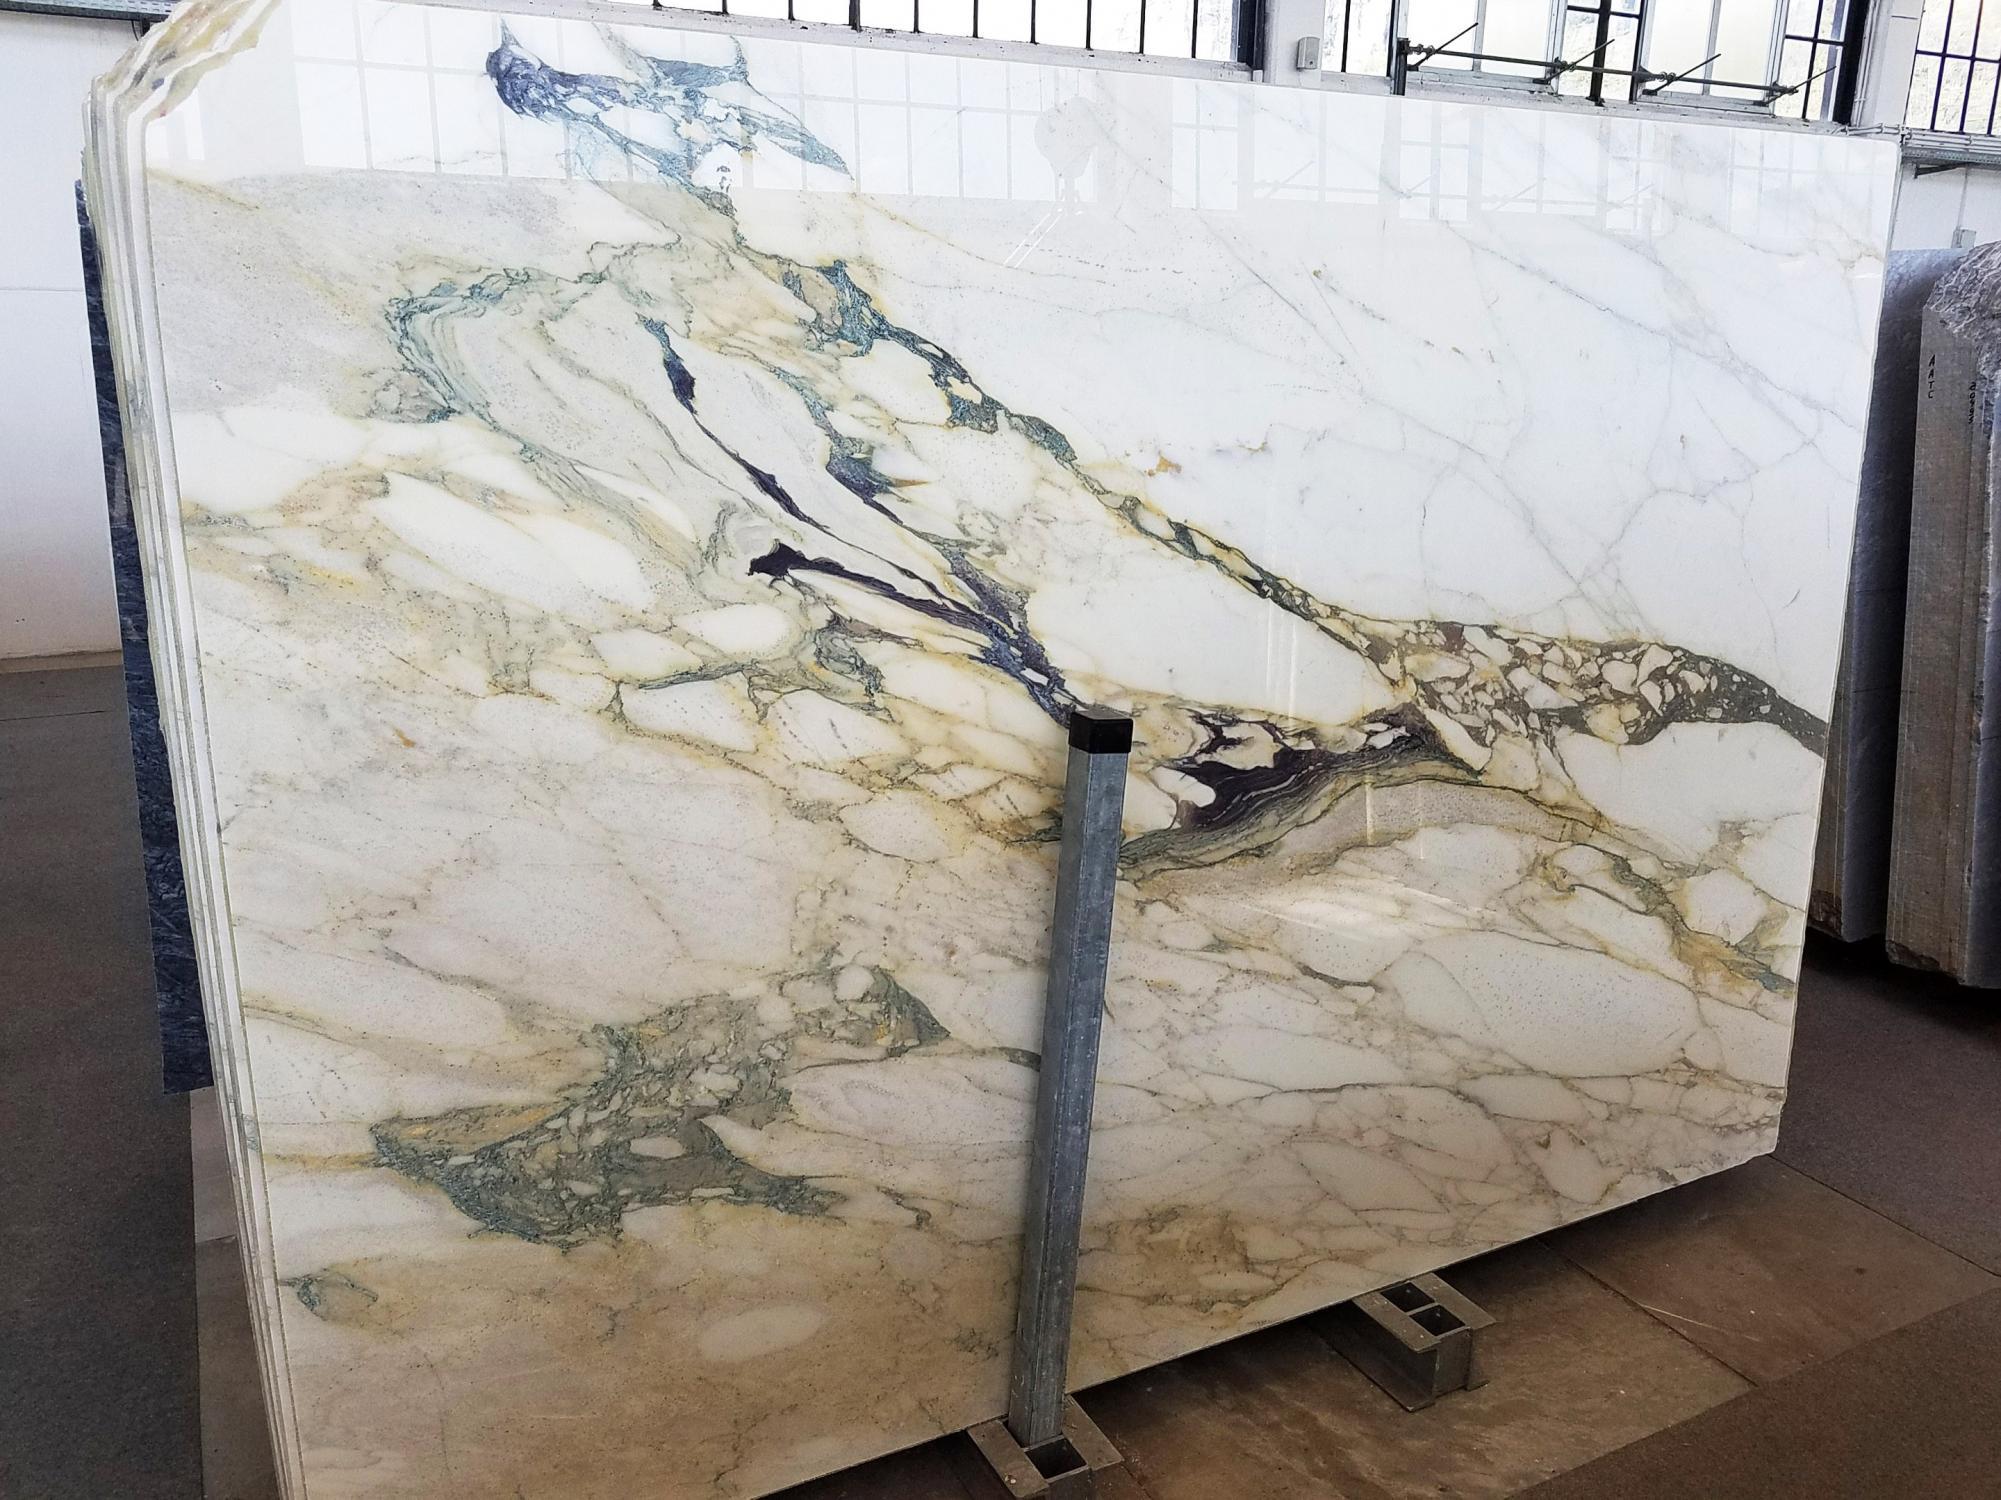 CALACATTA FIORITO Fornitura Veneto (Italia) di lastre grezze lucide in marmo naturale U0433 , Slab #01